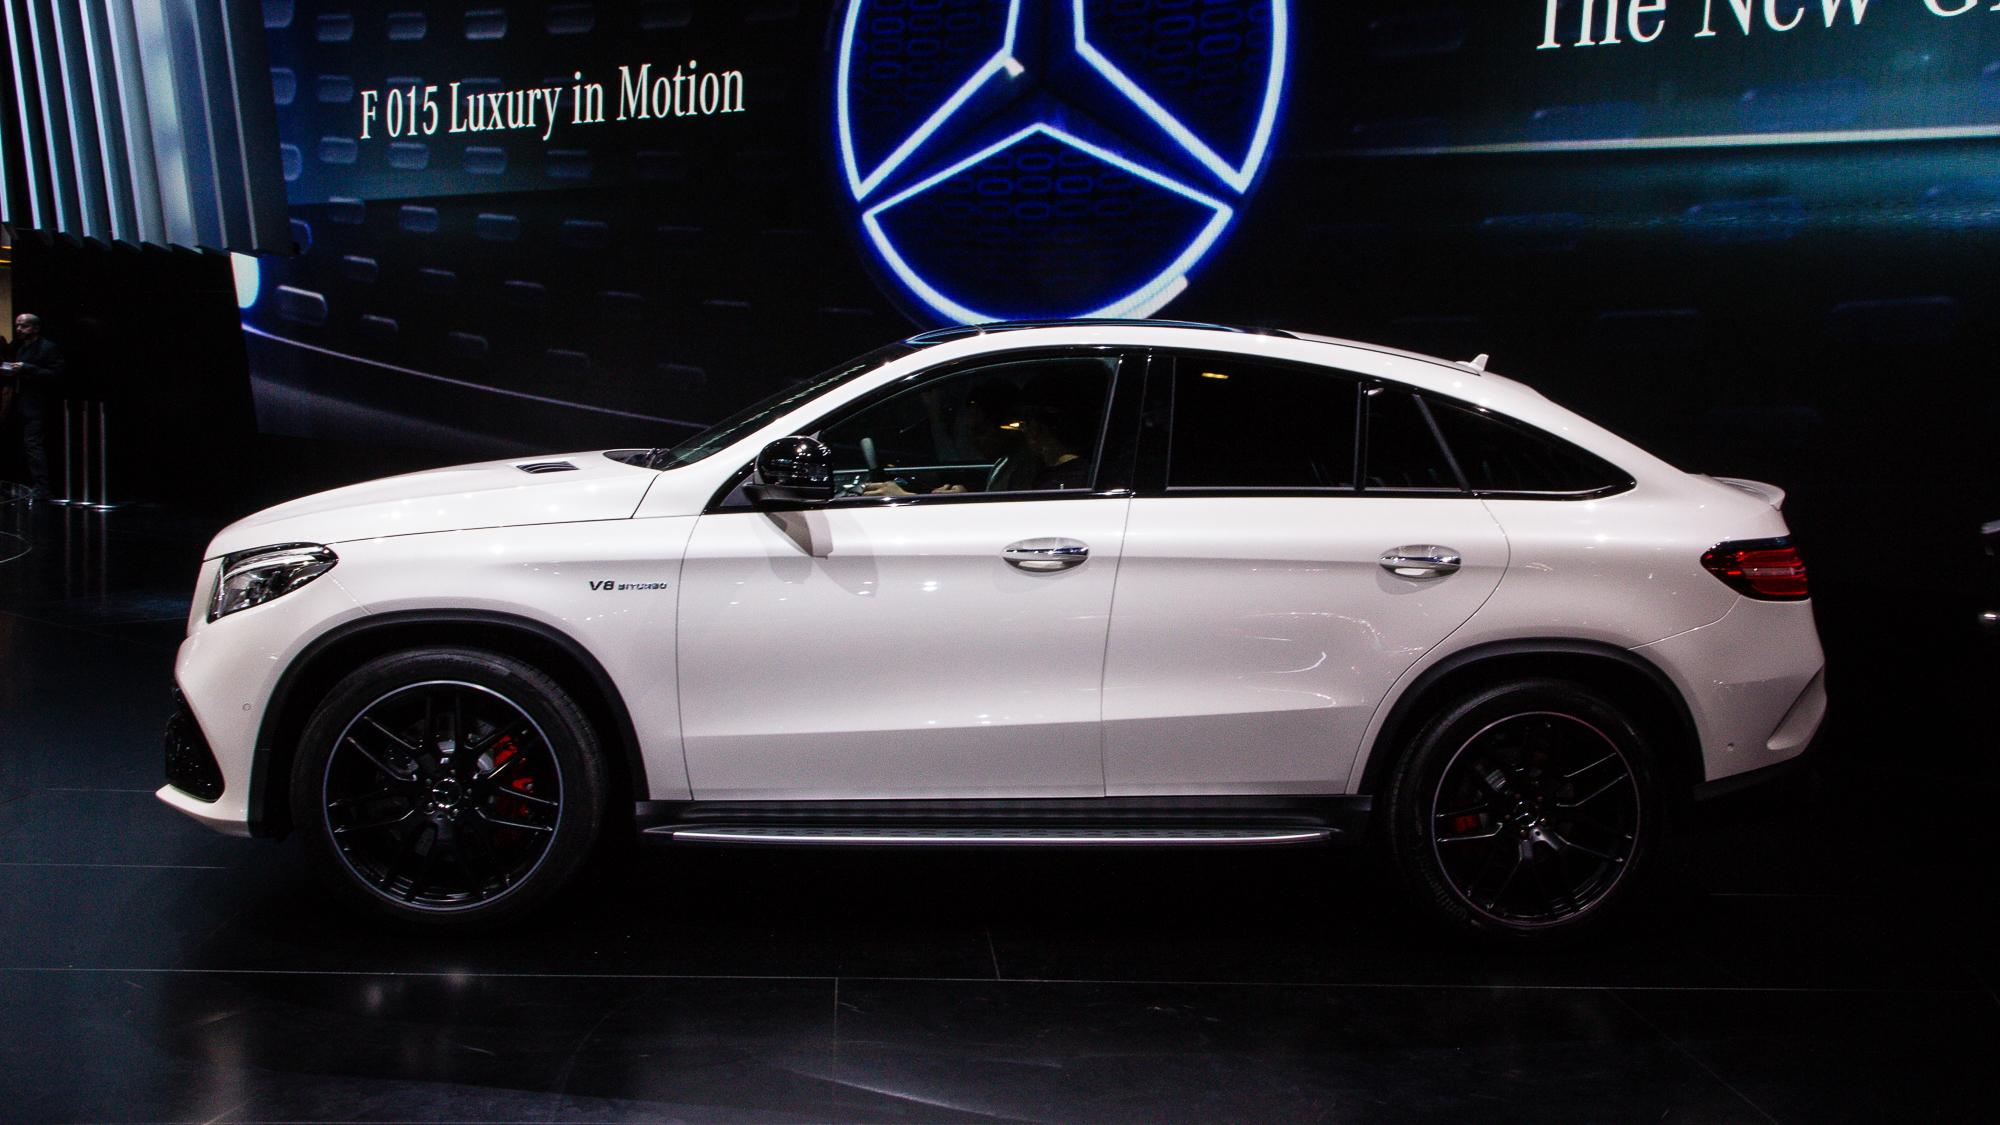 2016 Mercedes-AMG GLE63 S Coupe 4Matic live photos, 2015 Detroit Auto Show